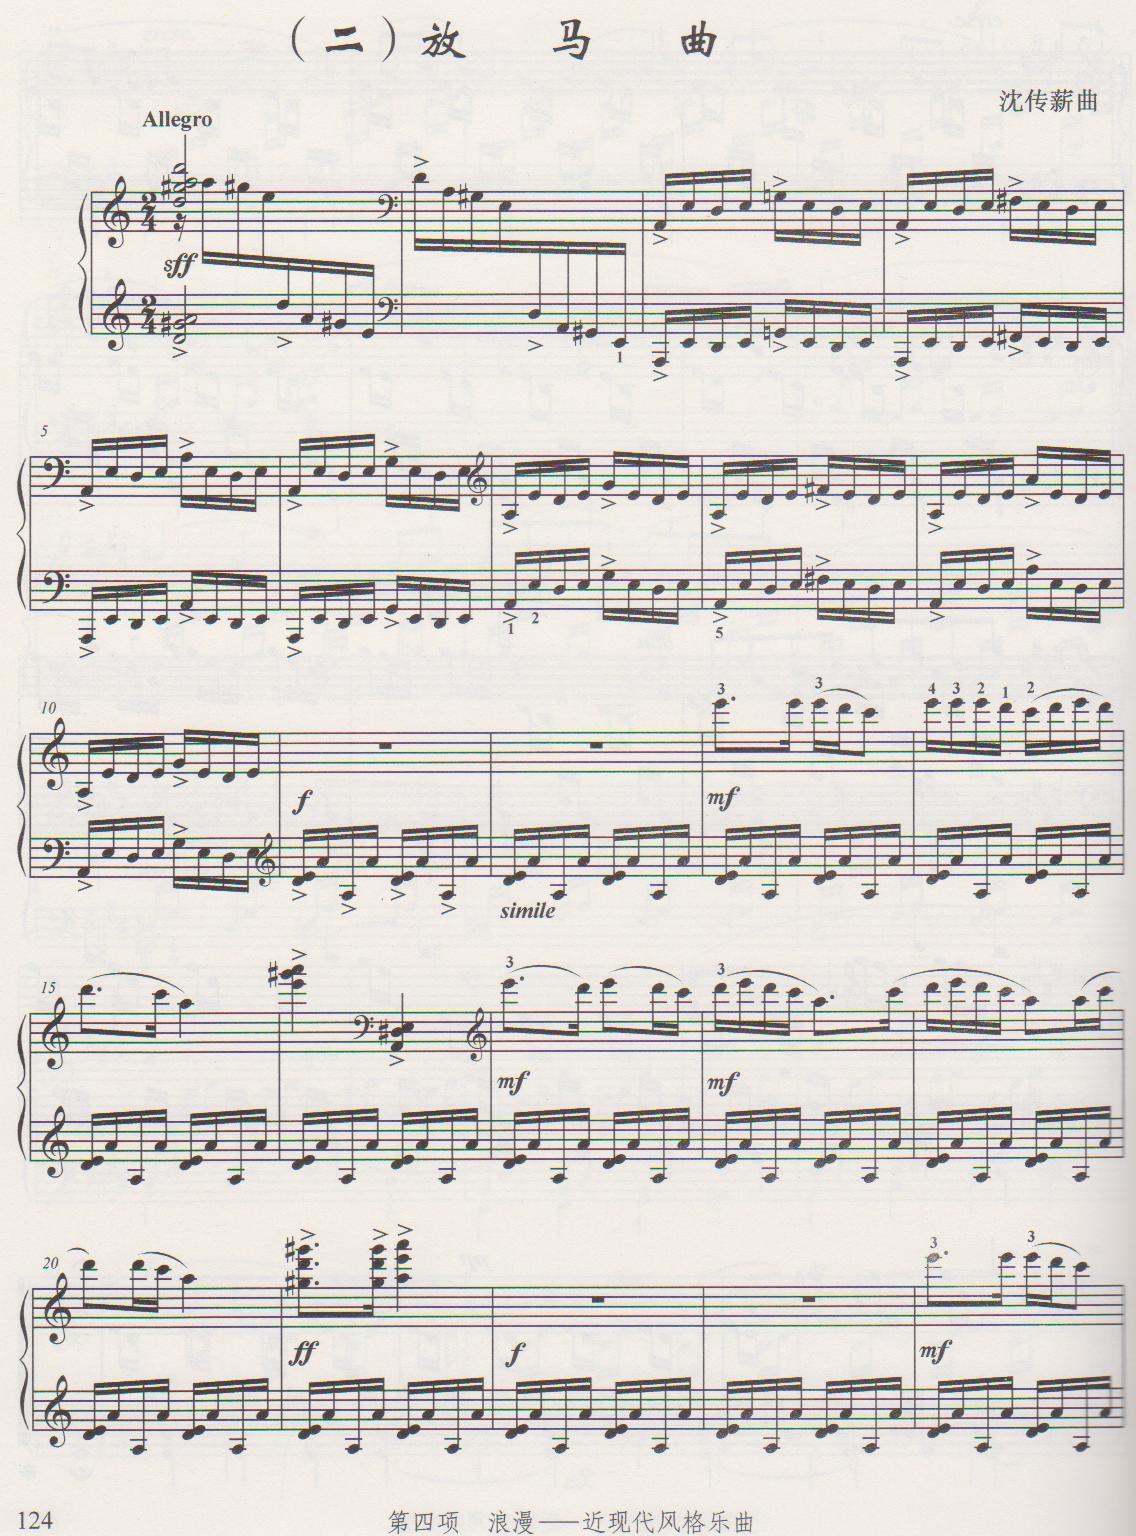 请问谁有放马曲的钢琴曲曲谱?可以发给我吗?图片